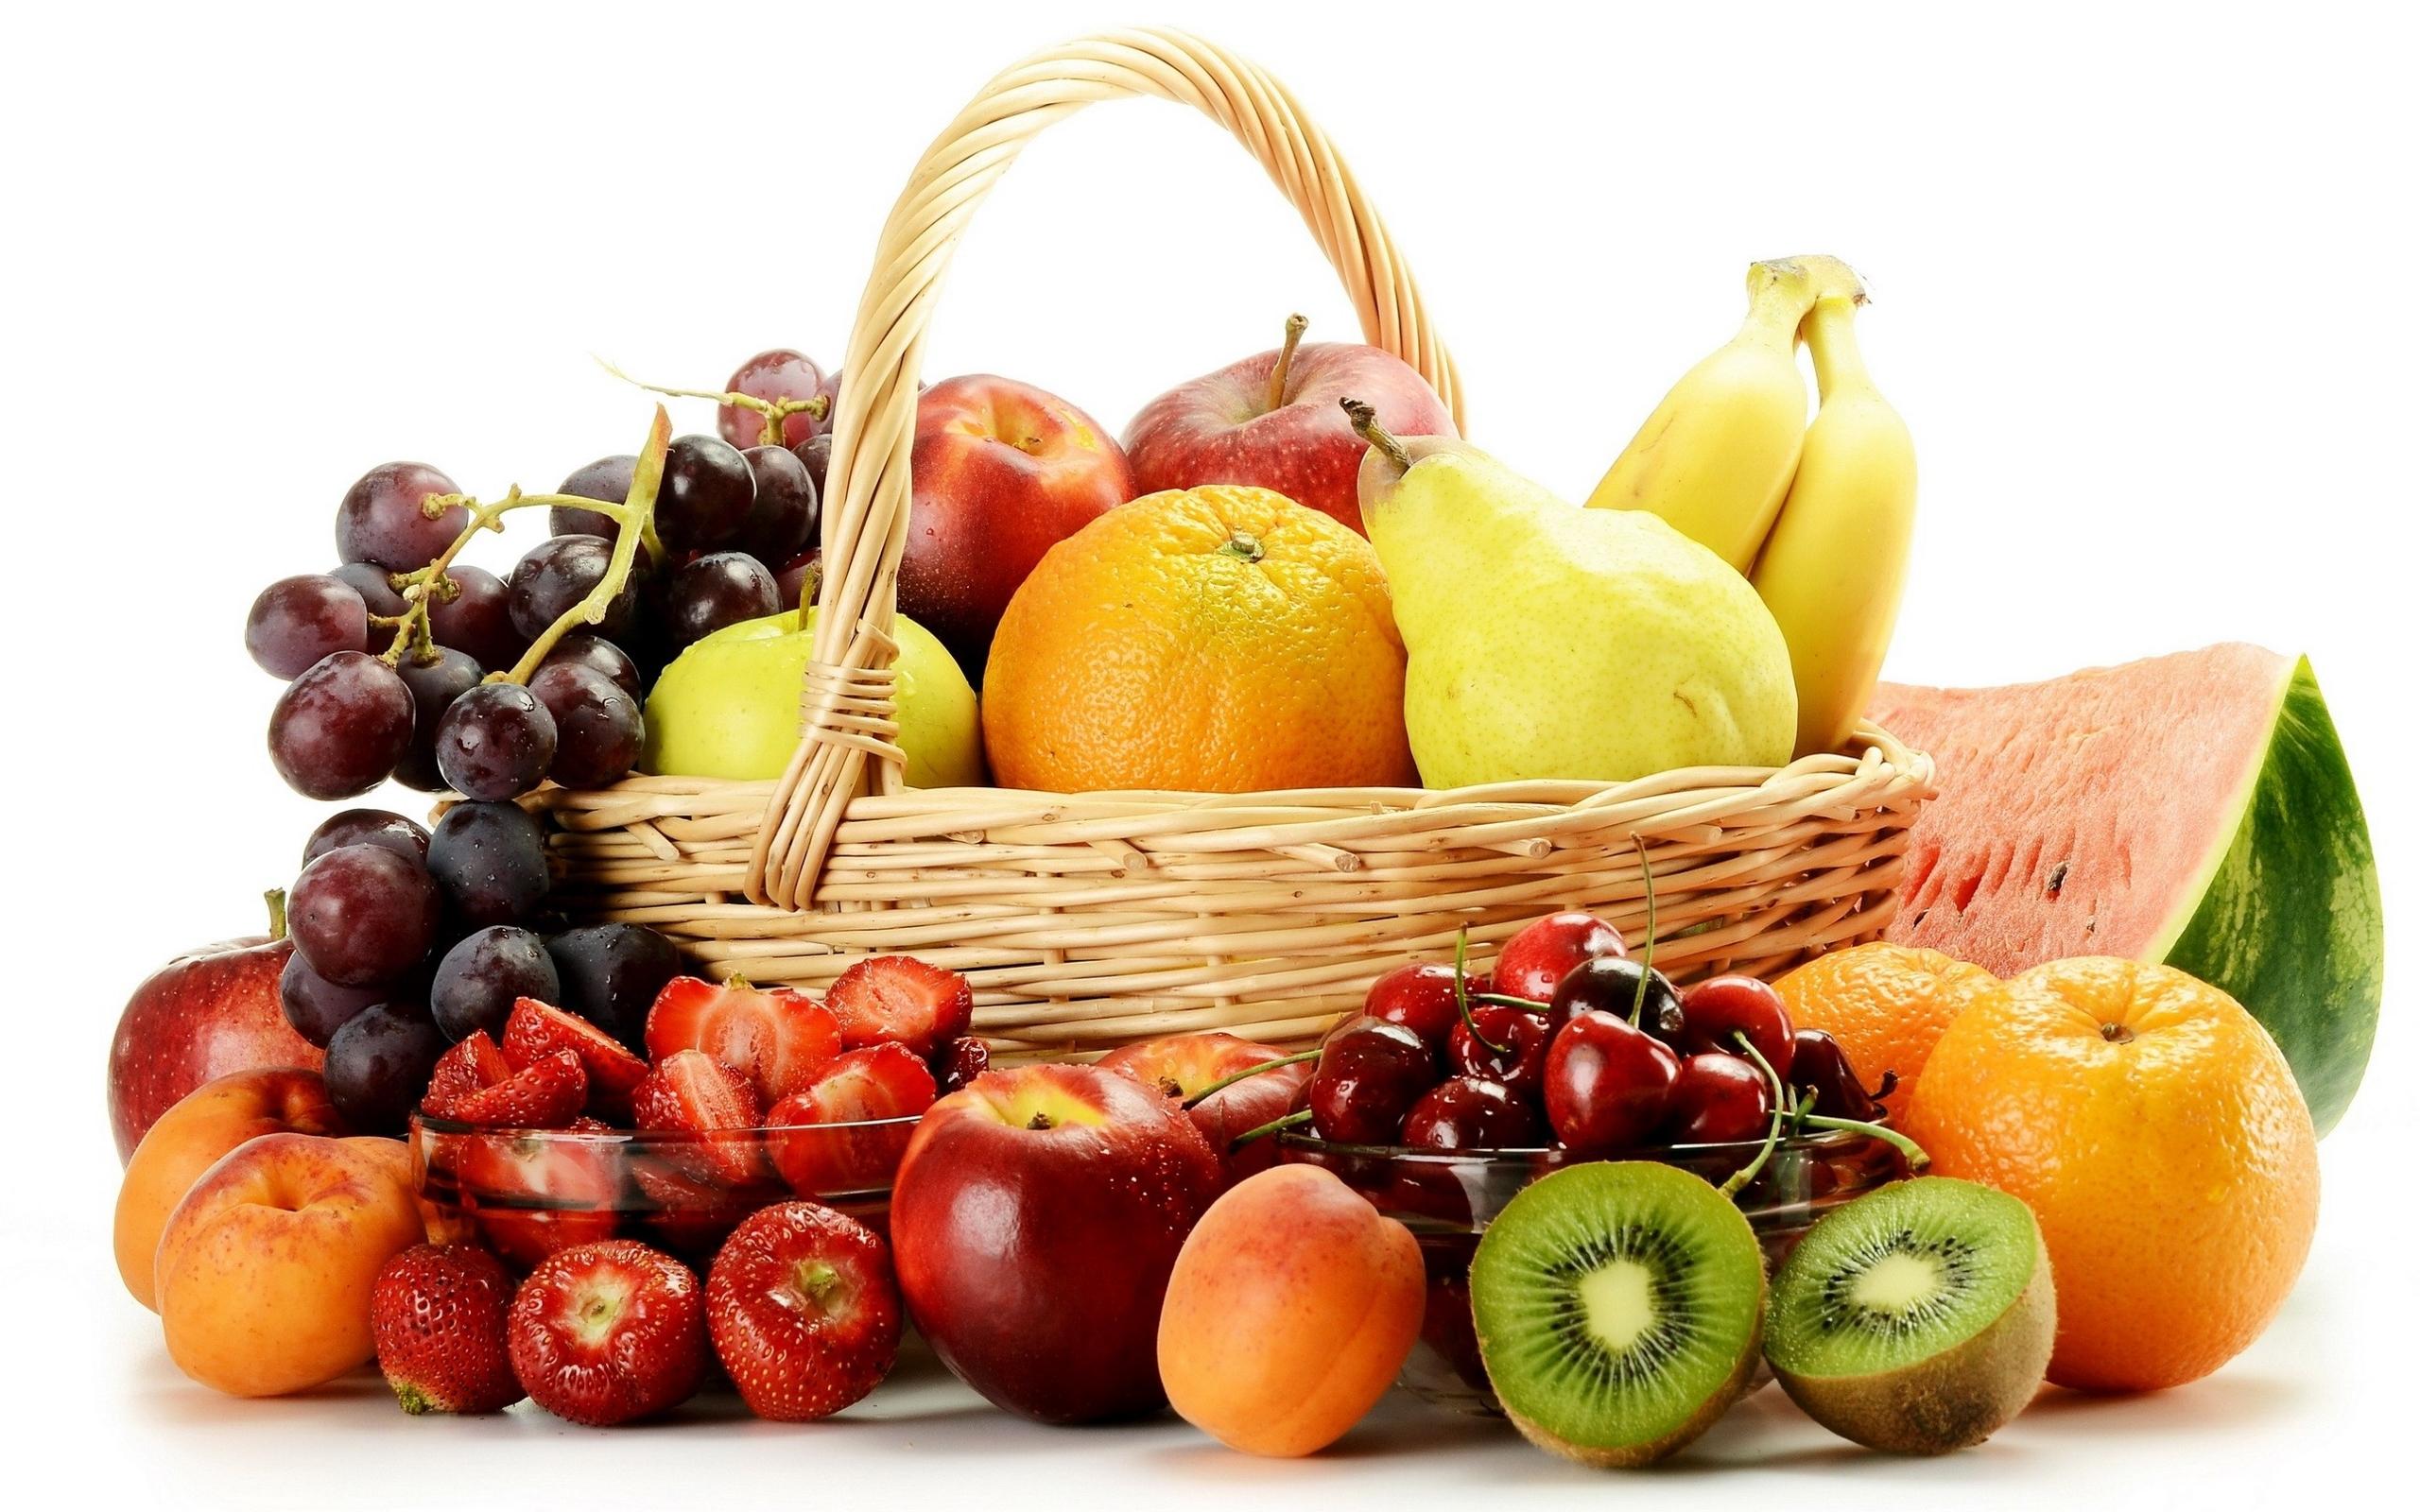 Обои для рабочего стола фрукты006